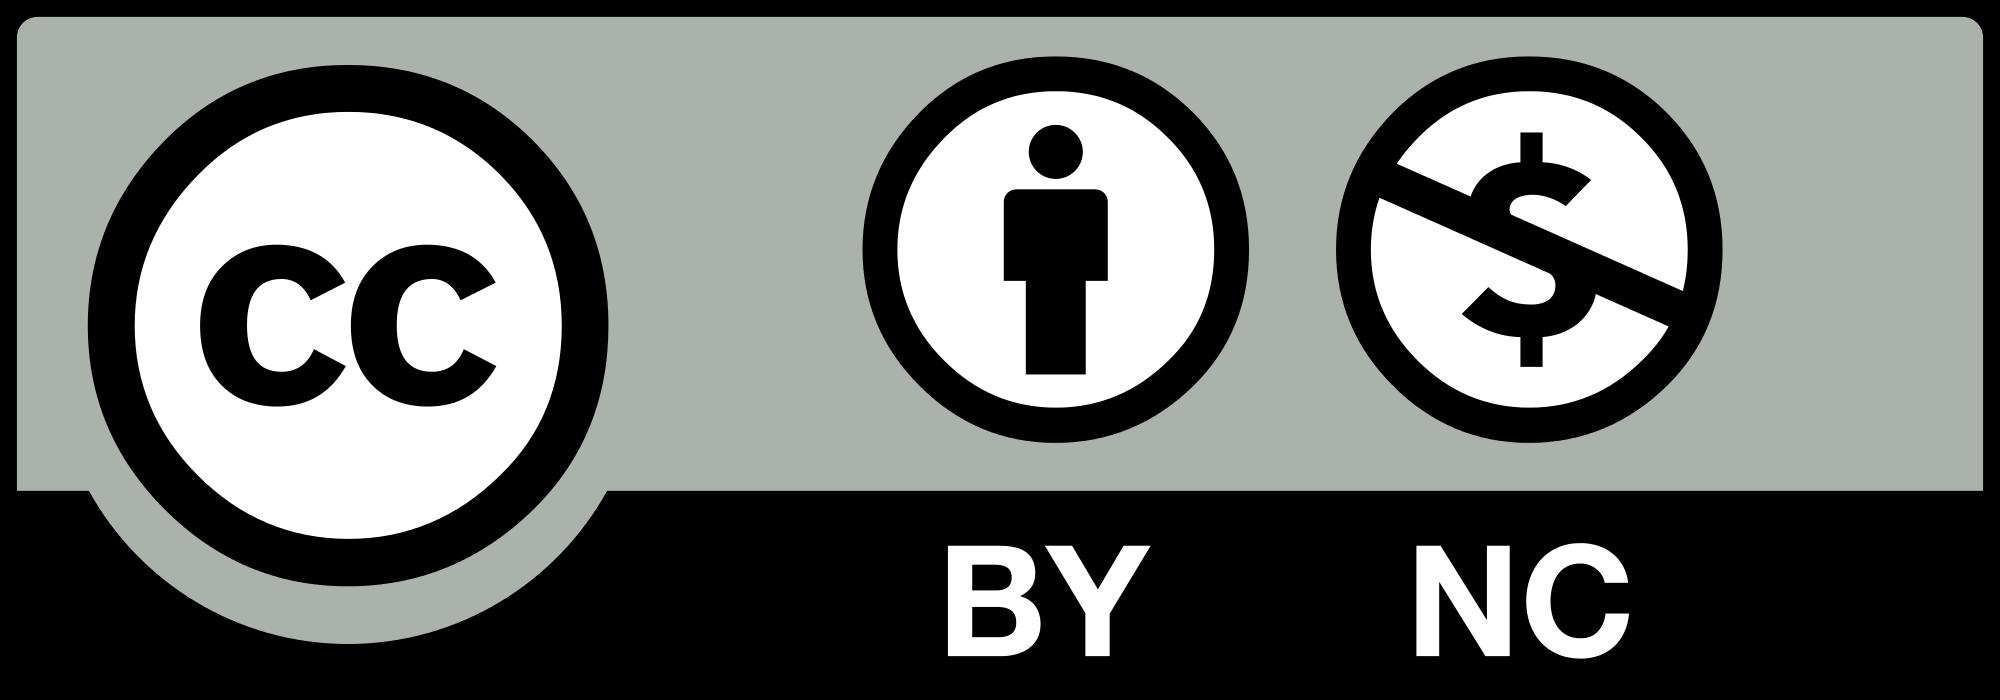 مجوز کریتیو کامنز: قابلیت انتشار همگانی، غیرقابل استفادهی تجاری